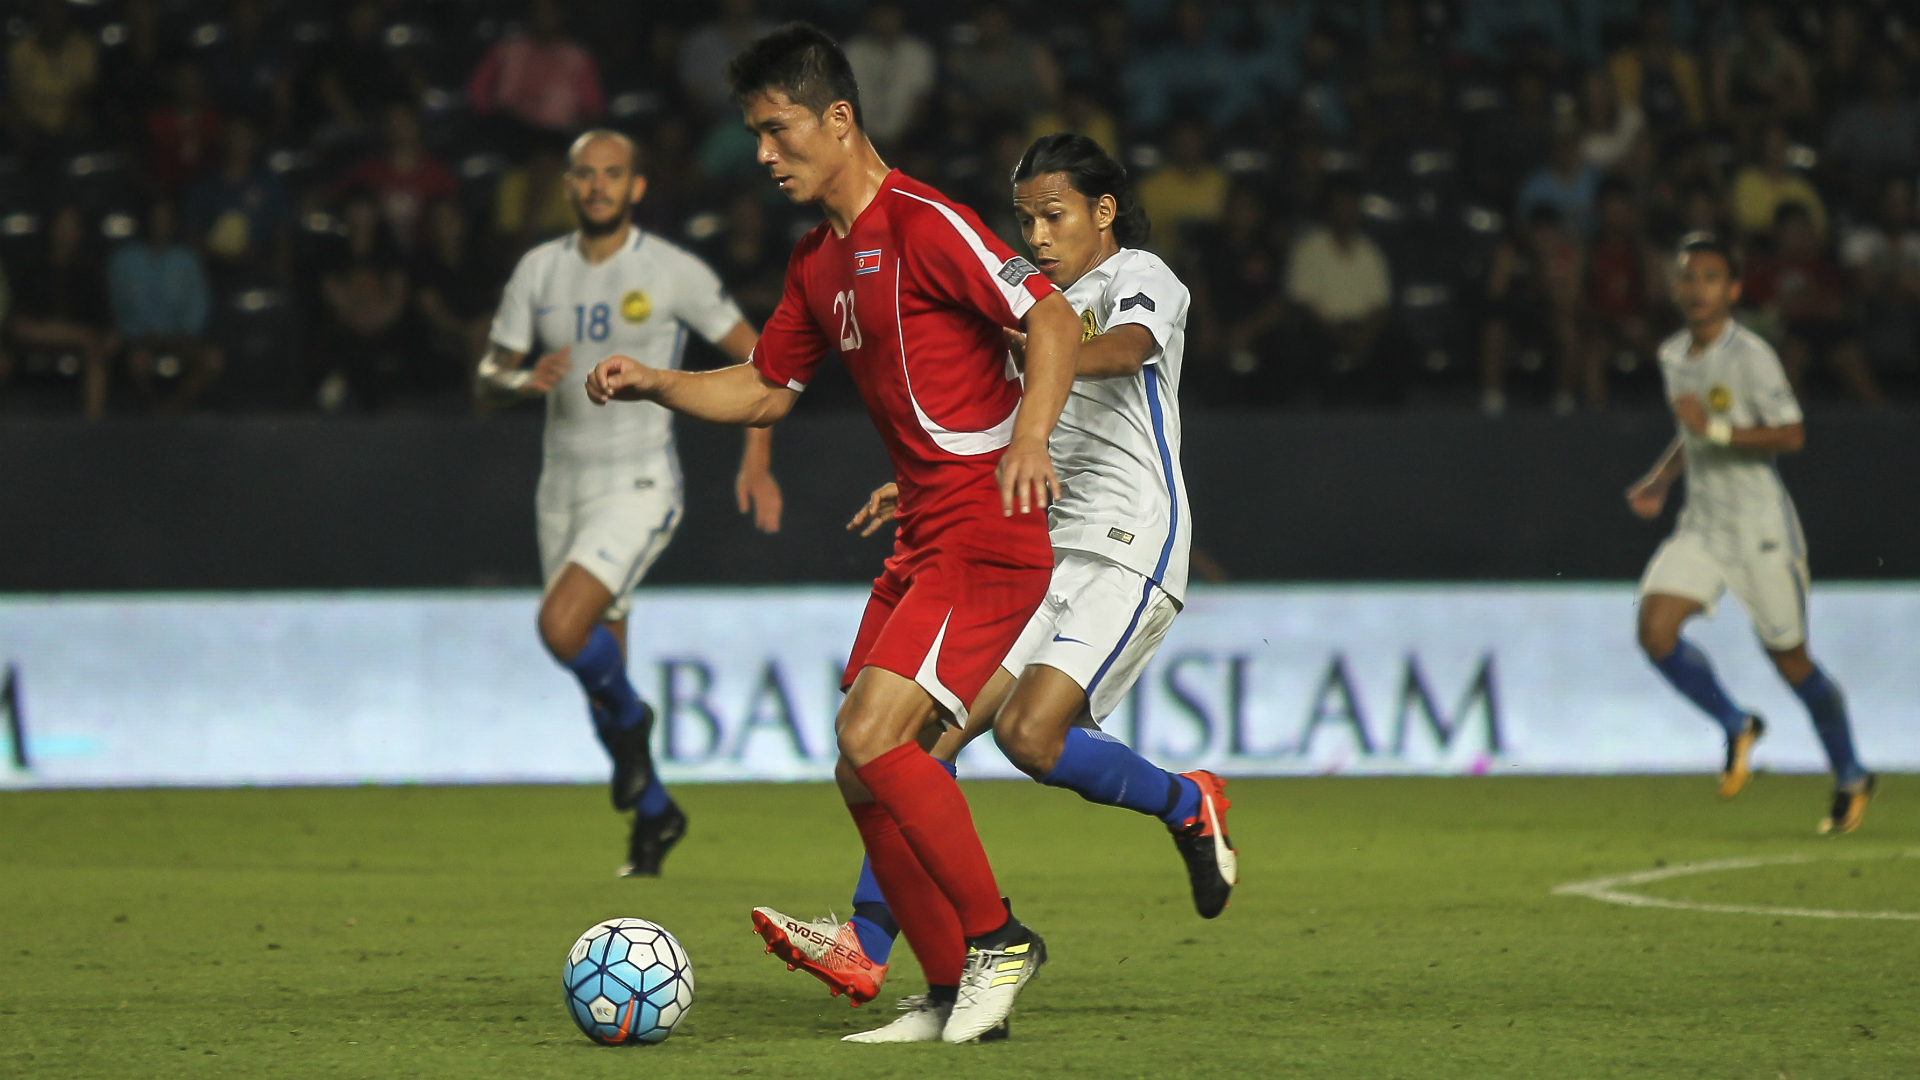 Malaysia 1 DPR Korea 4: Different team, similar outcome